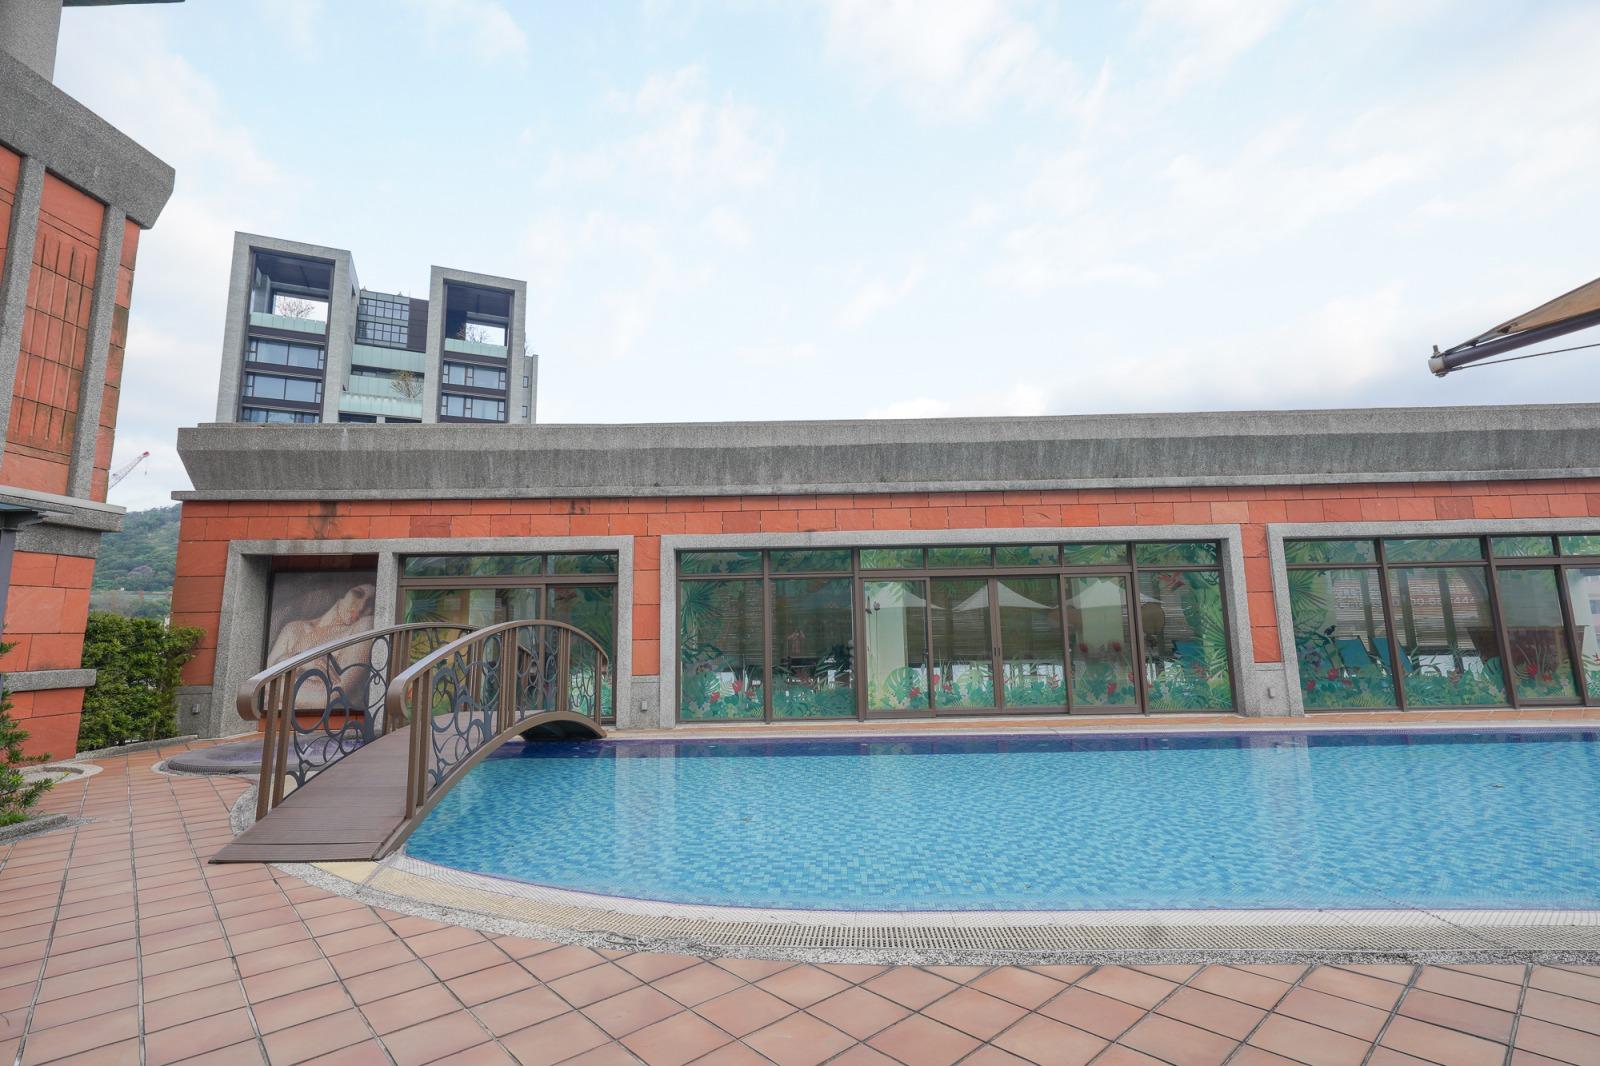 台北大直》維多麗亞酒店Grand Victoria Hotel,大直商圈裡的秘密花園,英倫建築風公主房型,空中泳池、戶外花園、168 牛排館,貼心服務超加分的飯店。